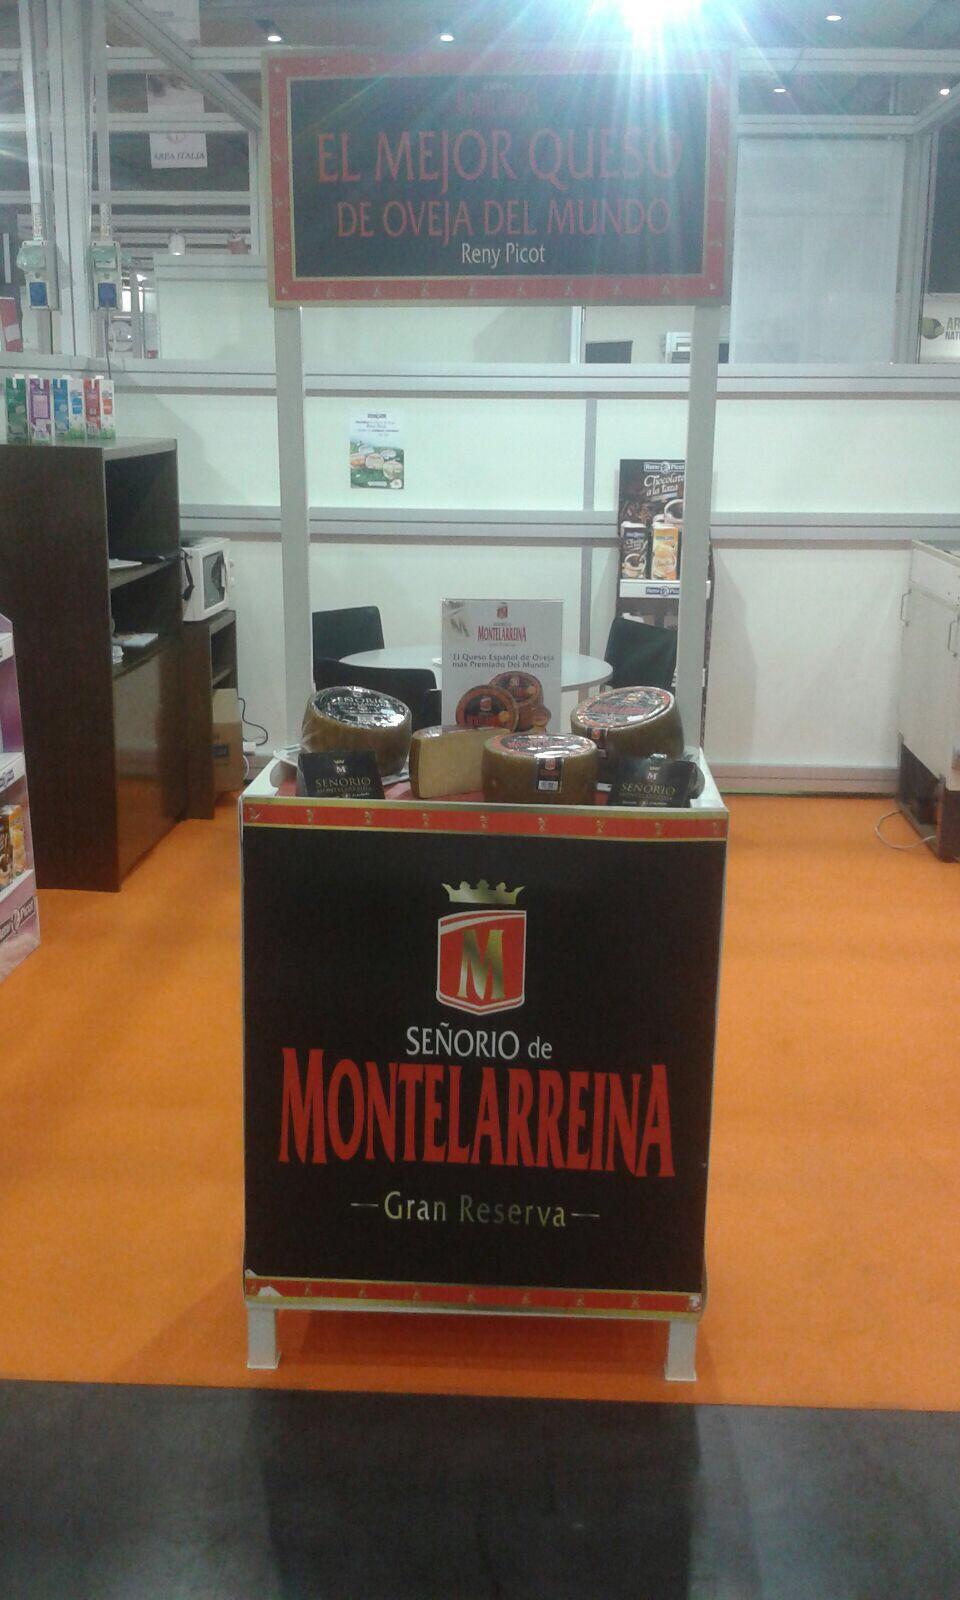 Feria Gastrónoma. Stand queso Señorío de Montelarreina Reny Picot